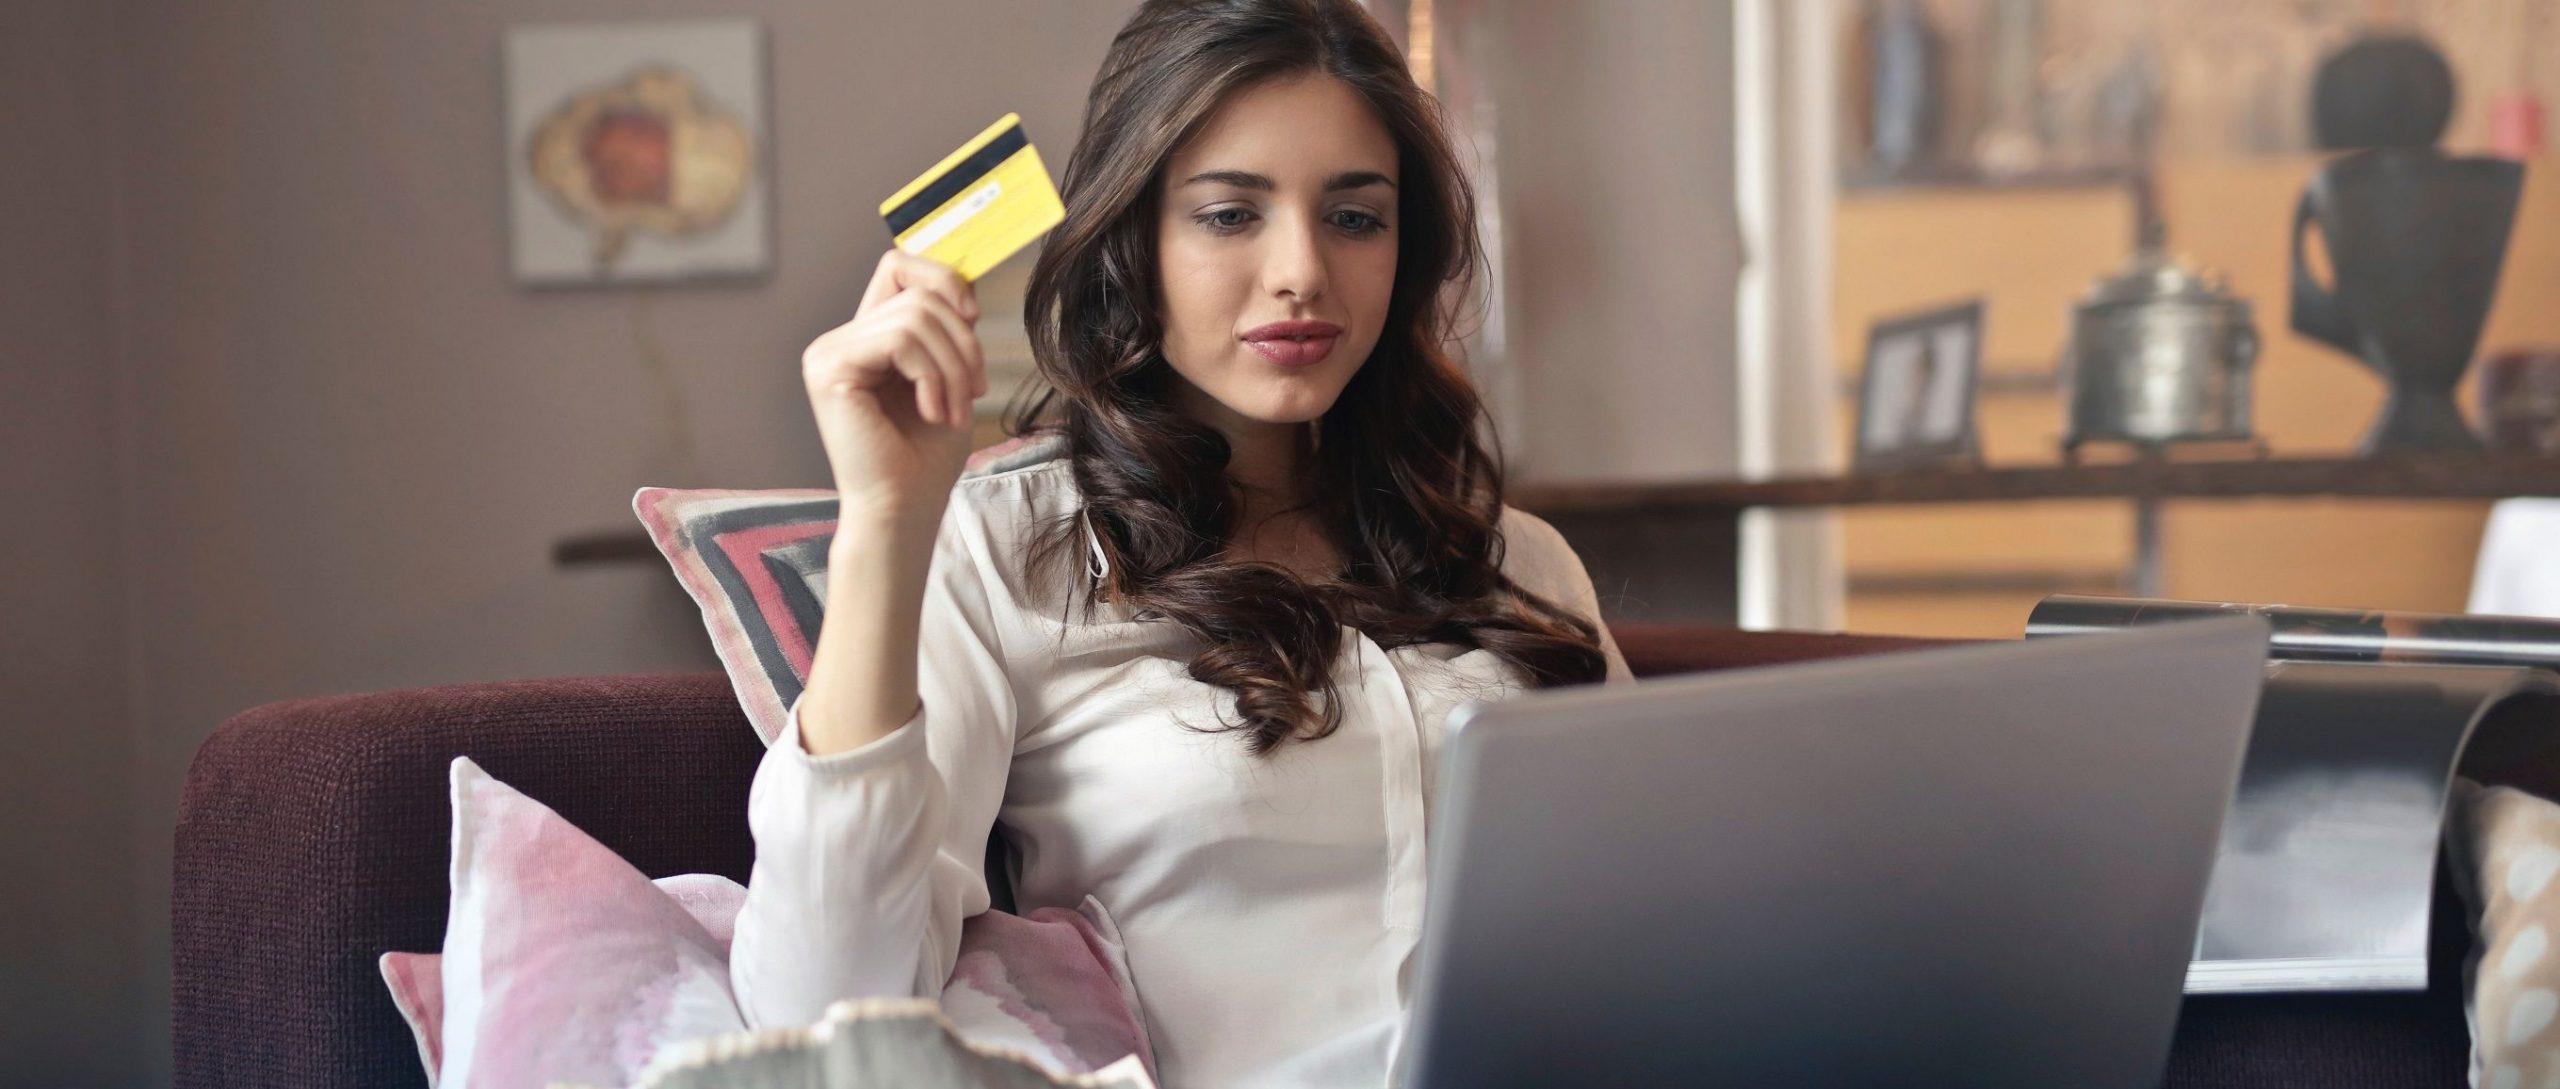 esendex black friday online shopping frau kreditkarte